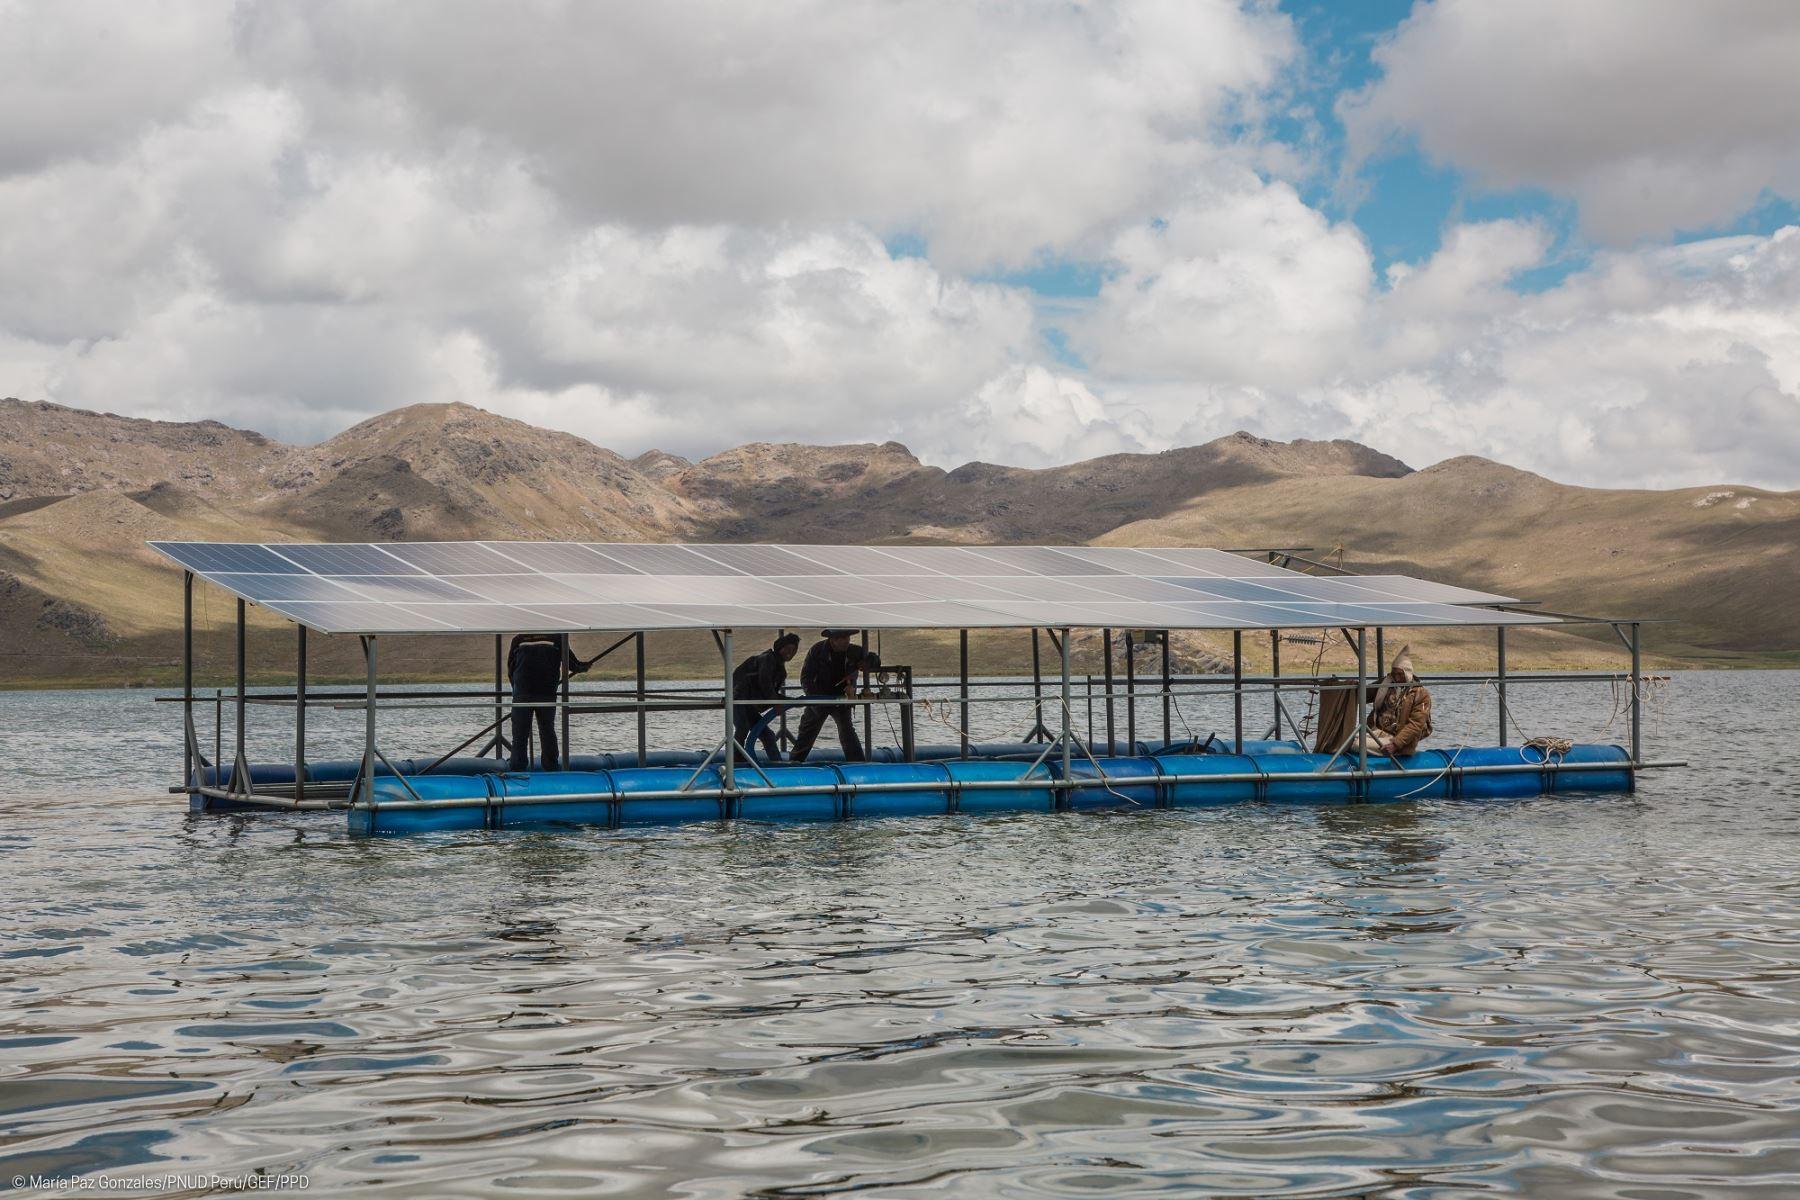 Puno y Arequipa crean innovaciones sostenibles usando energía del sol (Foto: PNUD)